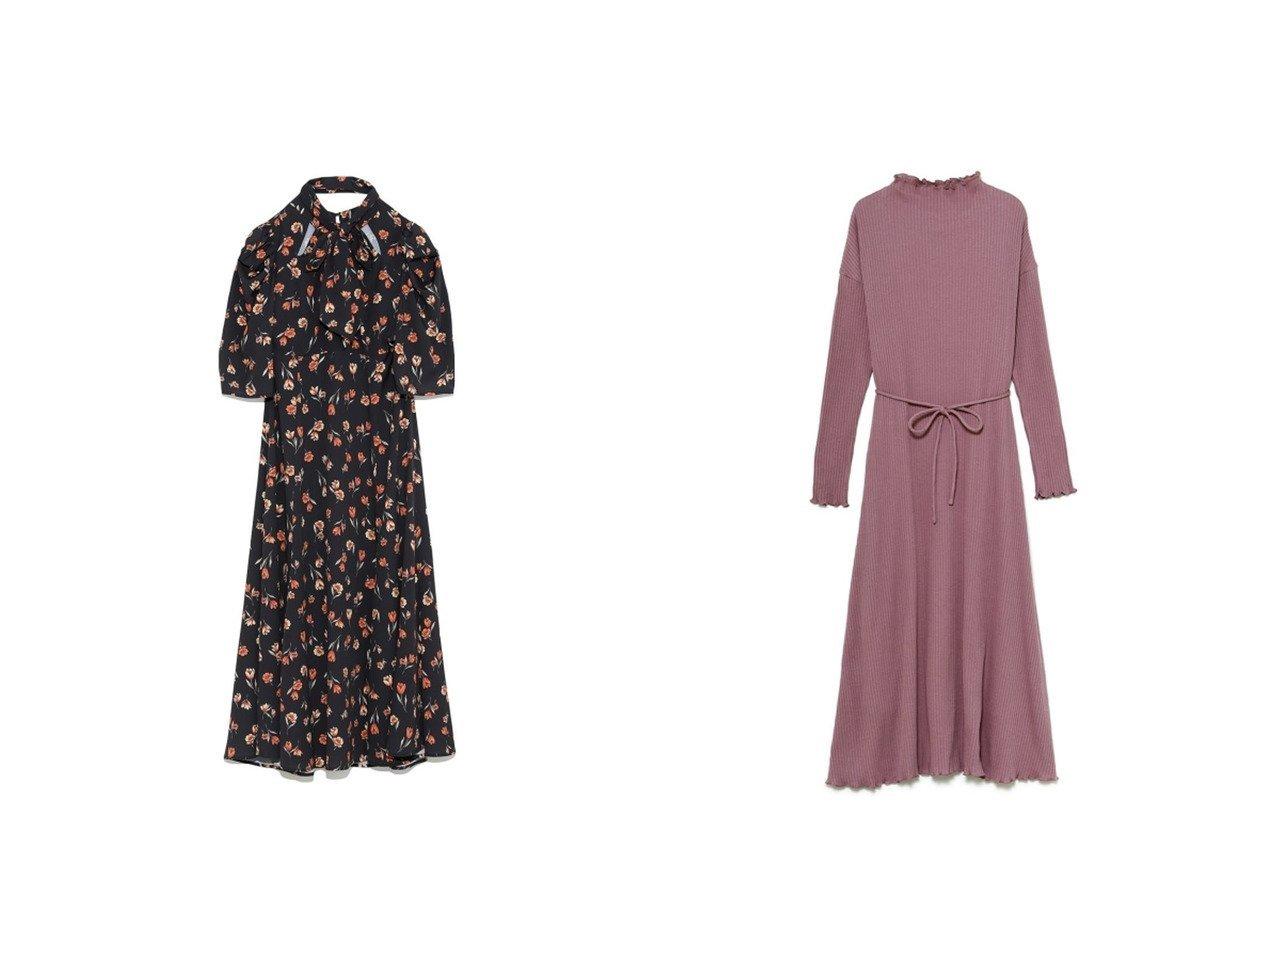 【SNIDEL/スナイデル】のSustainaハイネックリブカットワンピース&【Lily Brown/リリーブラウン】のカッティング花柄ワンピース ワンピース・ドレスのおすすめ!人気、トレンド・レディースファッションの通販 おすすめで人気の流行・トレンド、ファッションの通販商品 メンズファッション・キッズファッション・インテリア・家具・レディースファッション・服の通販 founy(ファニー) https://founy.com/ ファッション Fashion レディースファッション WOMEN ワンピース Dress インナー 春 Spring カッティング ギャザー クラシカル スマート フラワー プリント リボン ロング ワーク 2021年 2021 S/S 春夏 SS Spring/Summer 2021 春夏 S/S SS Spring/Summer 2021 |ID:crp329100000014761